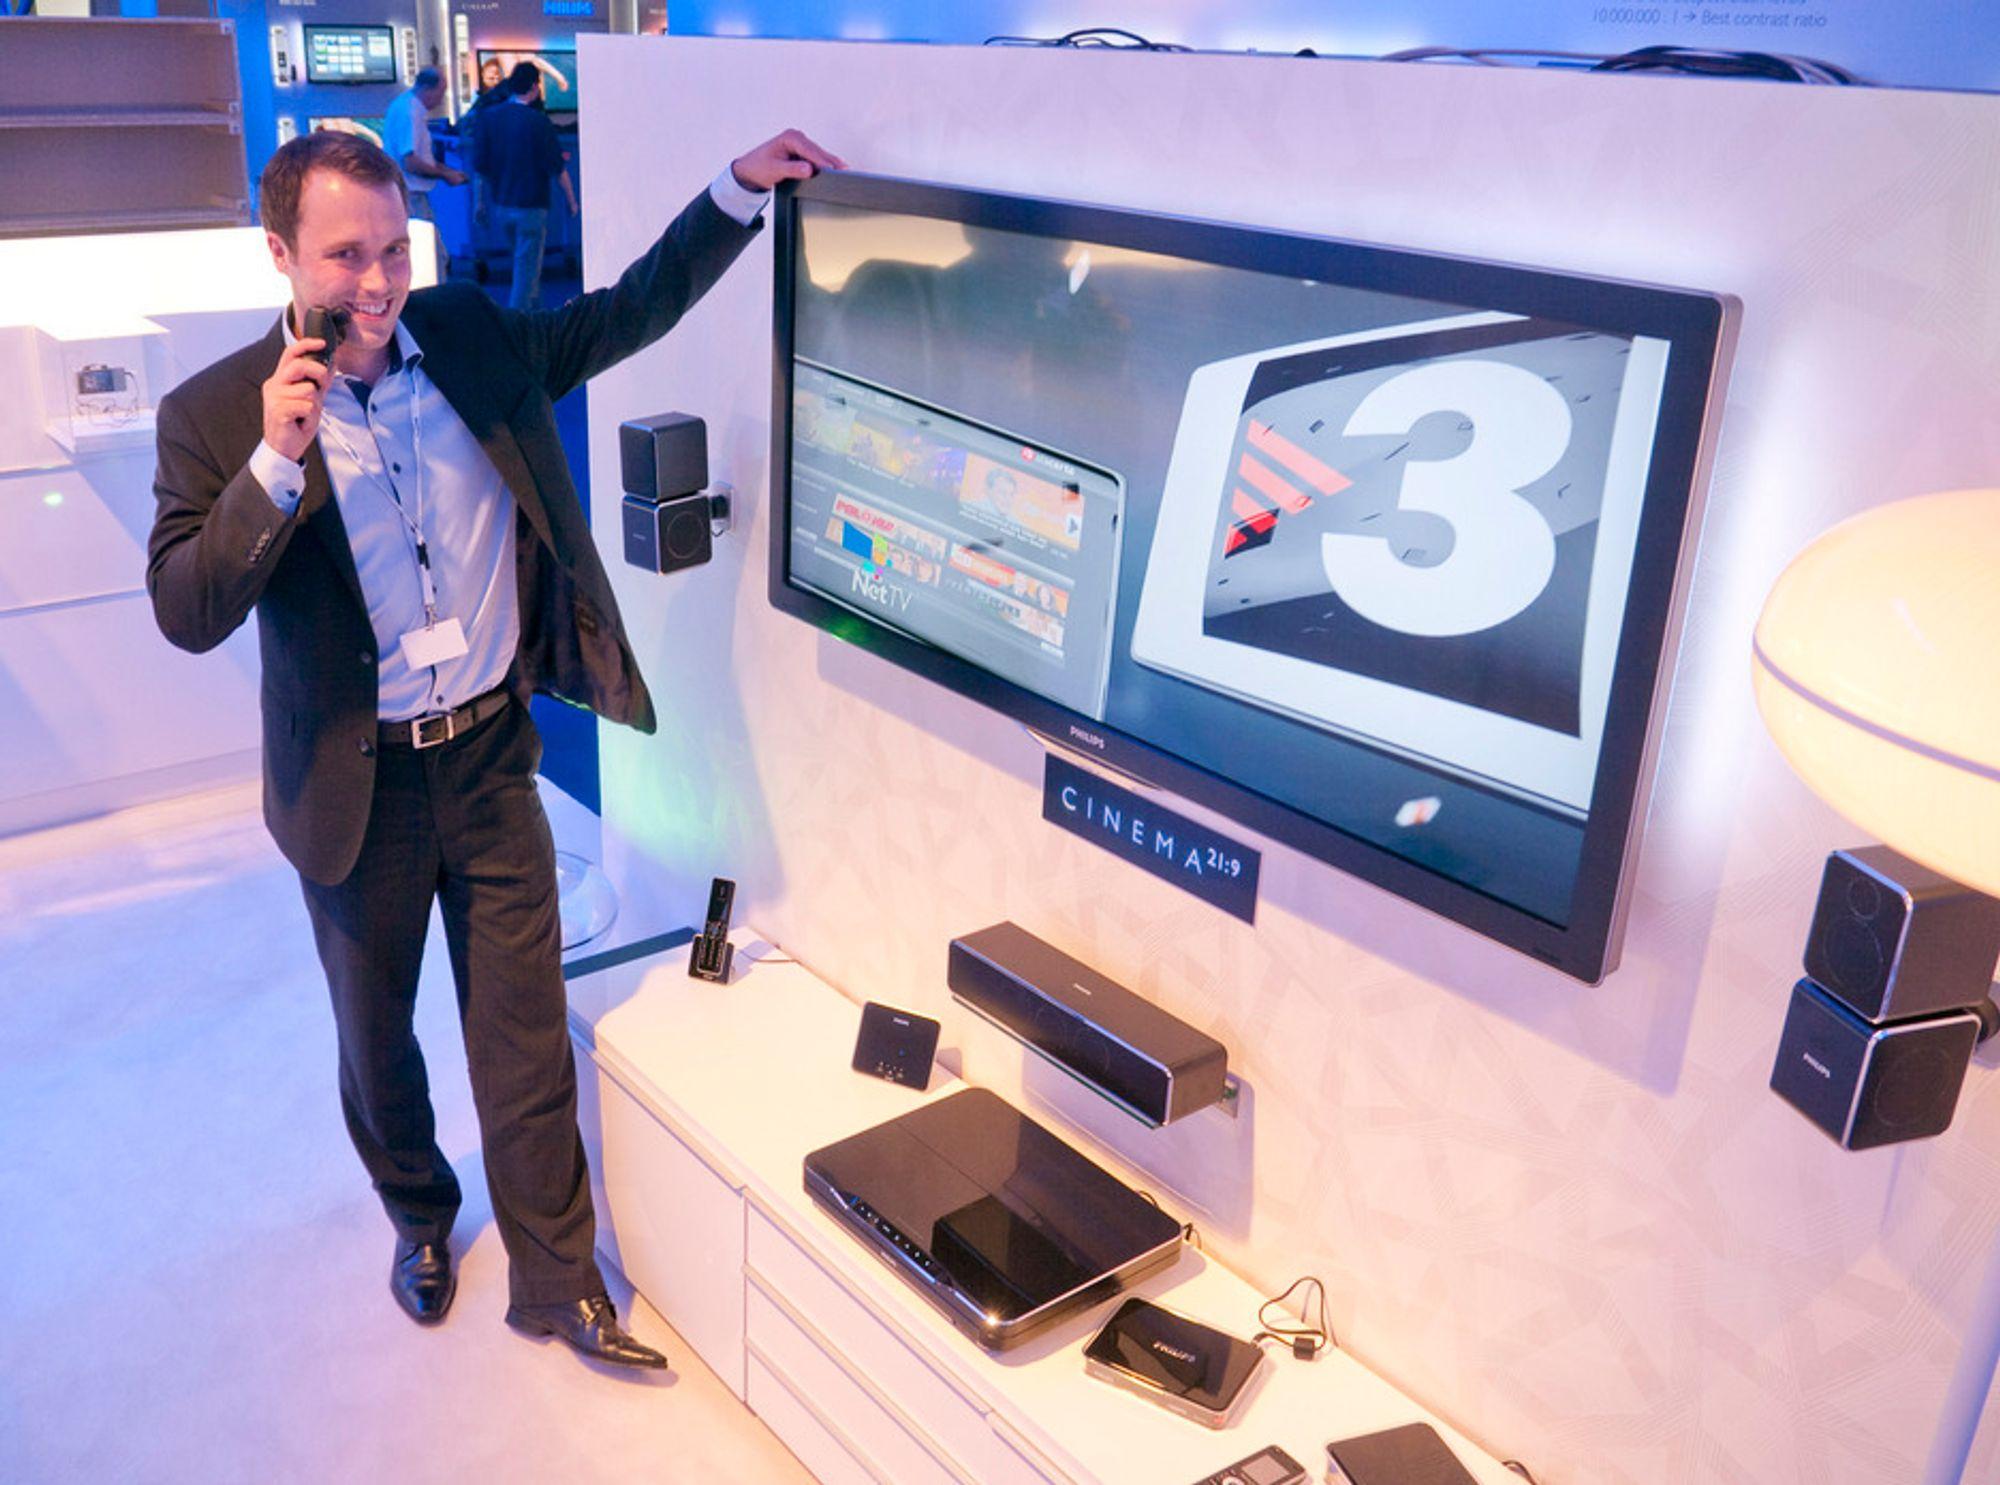 BREDT OG TETT: Philips' norgessjef for forbrukerelektronikk, Mikael Herje, mener både den nye bredformat-TV-en og den nye barbermaskinen vil lokke mange kjøpere.